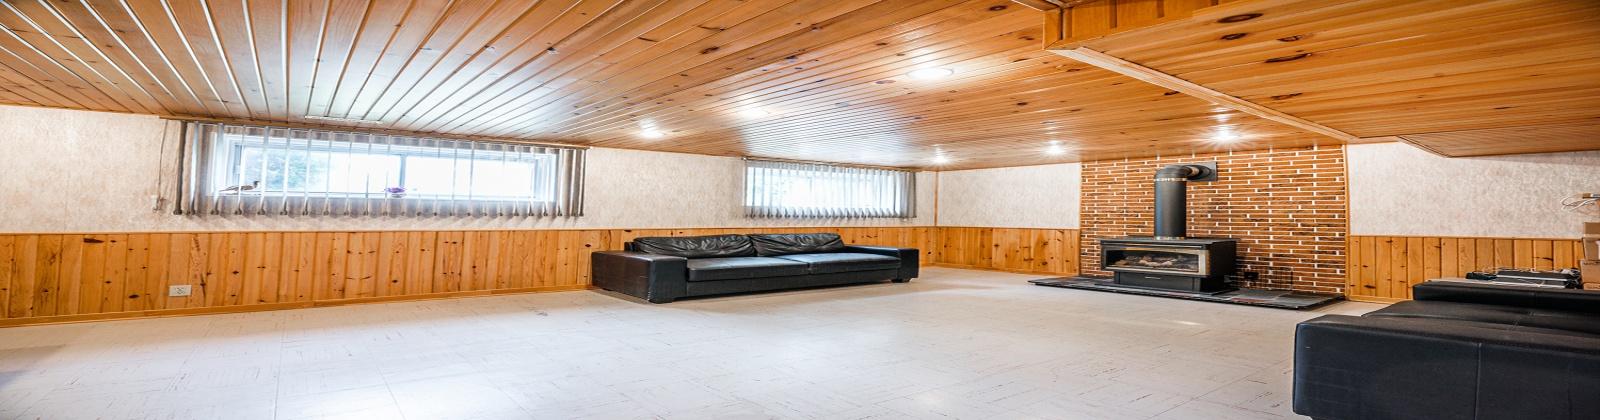 Maison,For Sale,1047